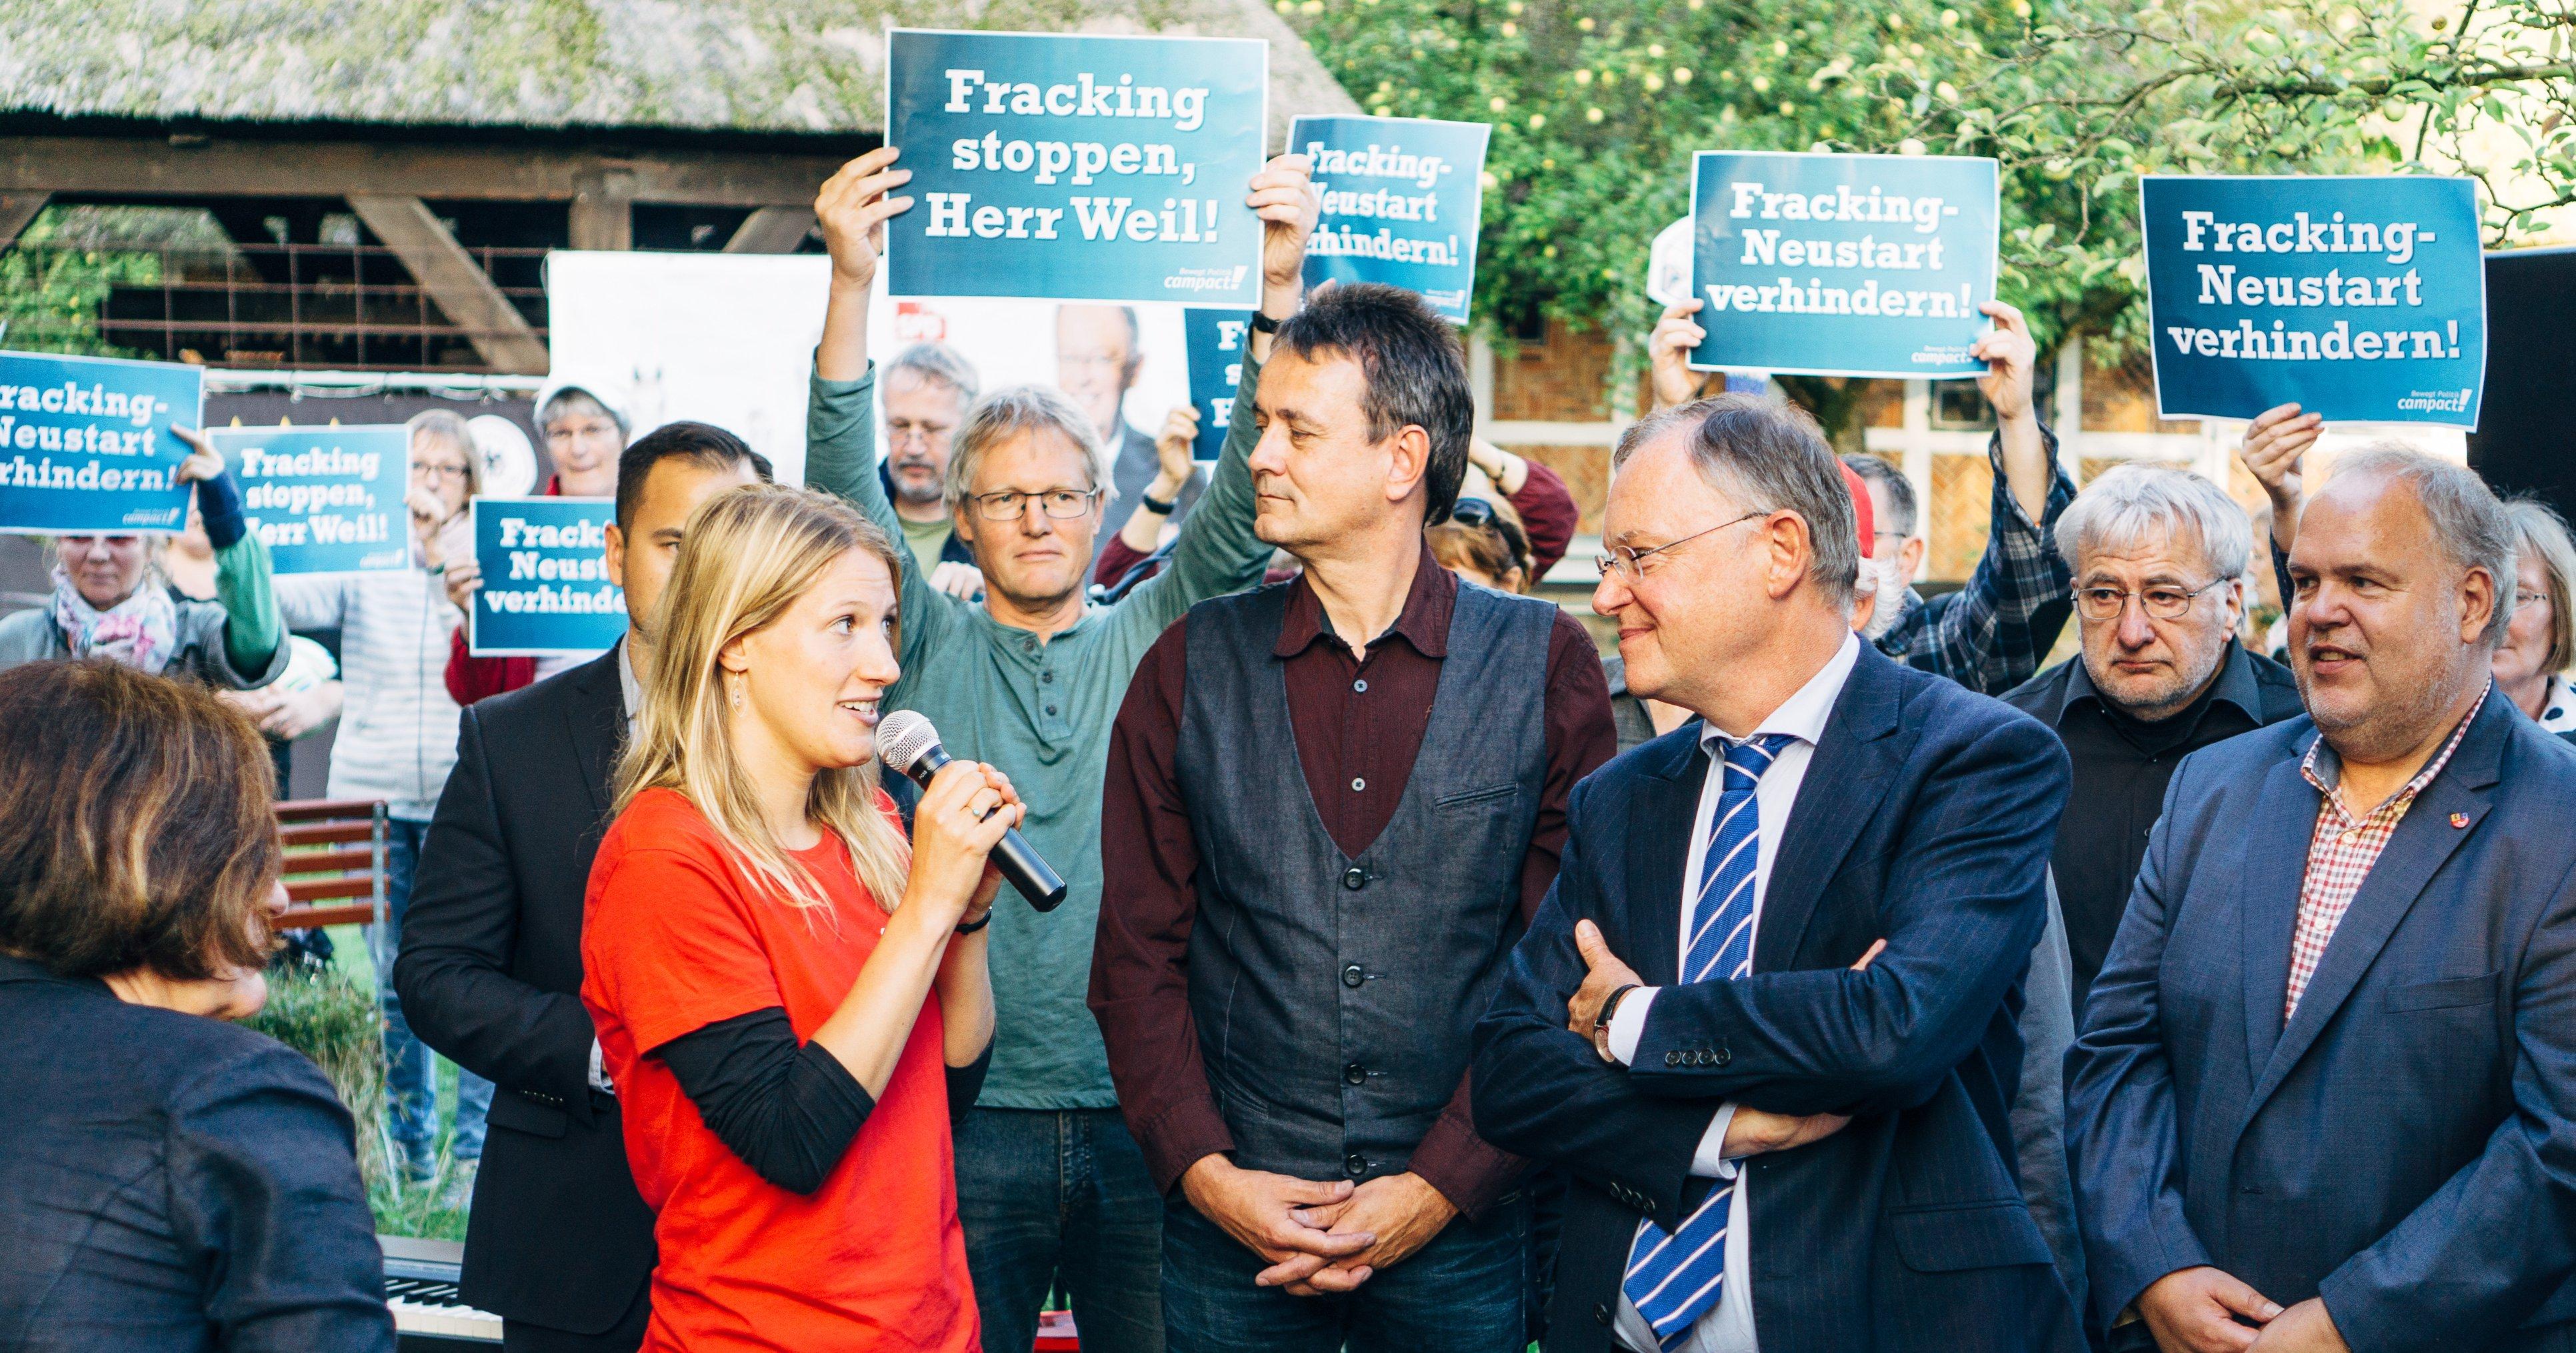 FrackingFlashmobs